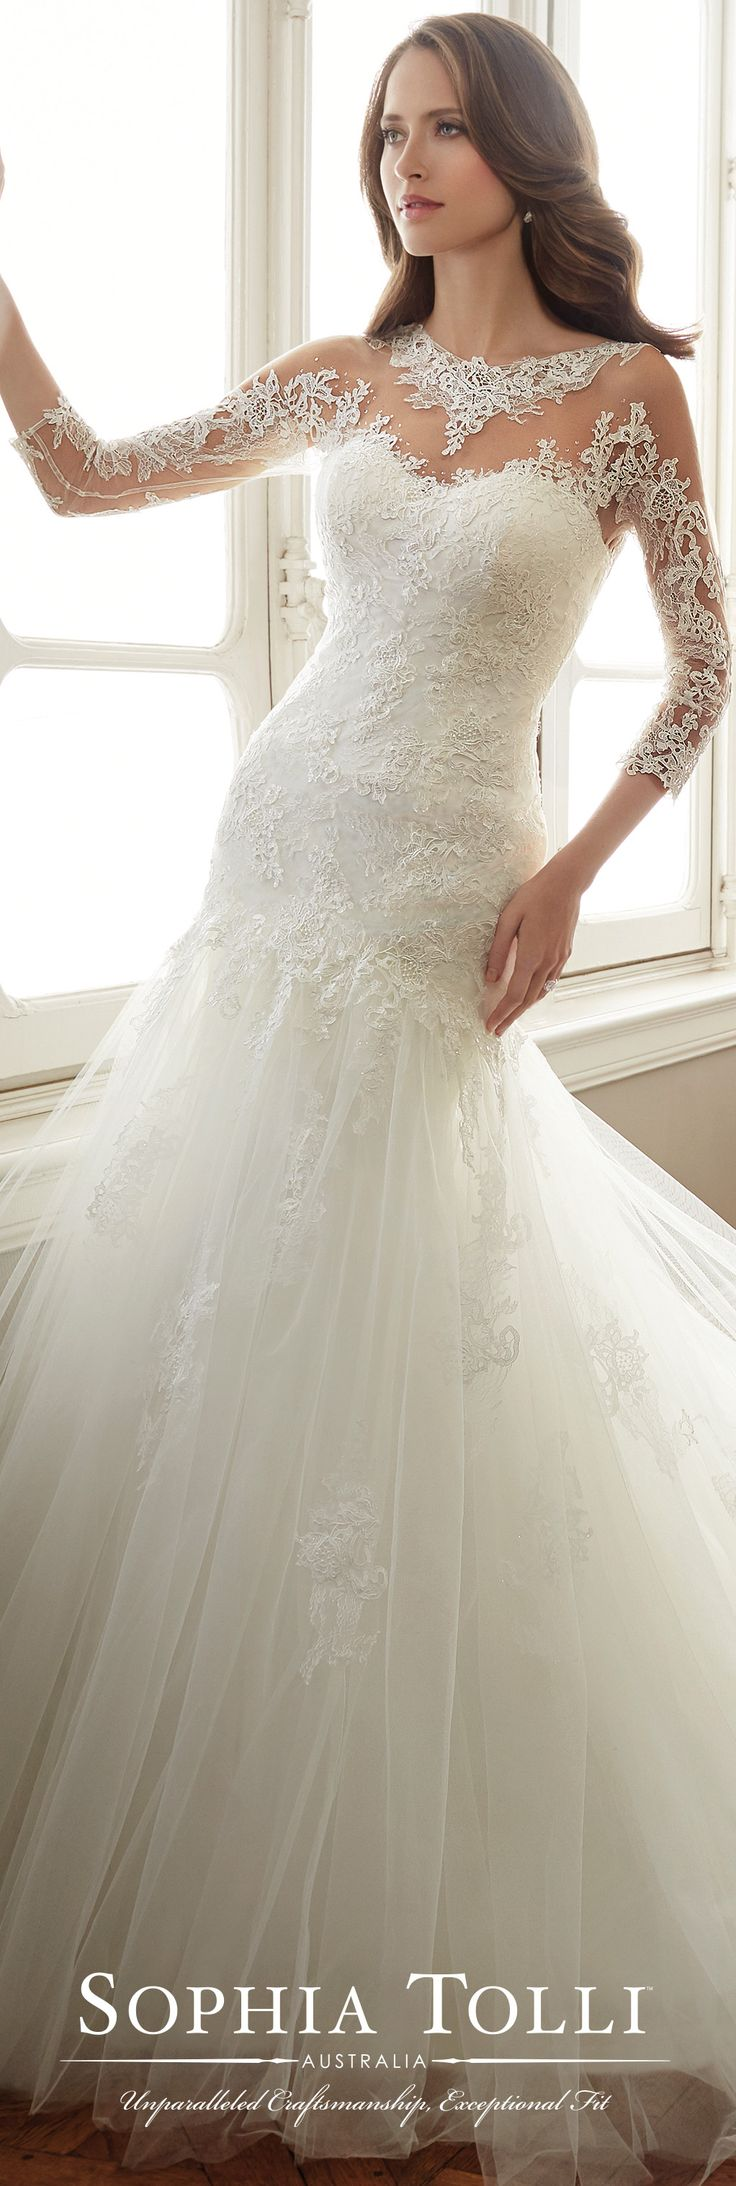 17 beste afbeeldingen over sophia tolli wedding dress for No back wedding dress